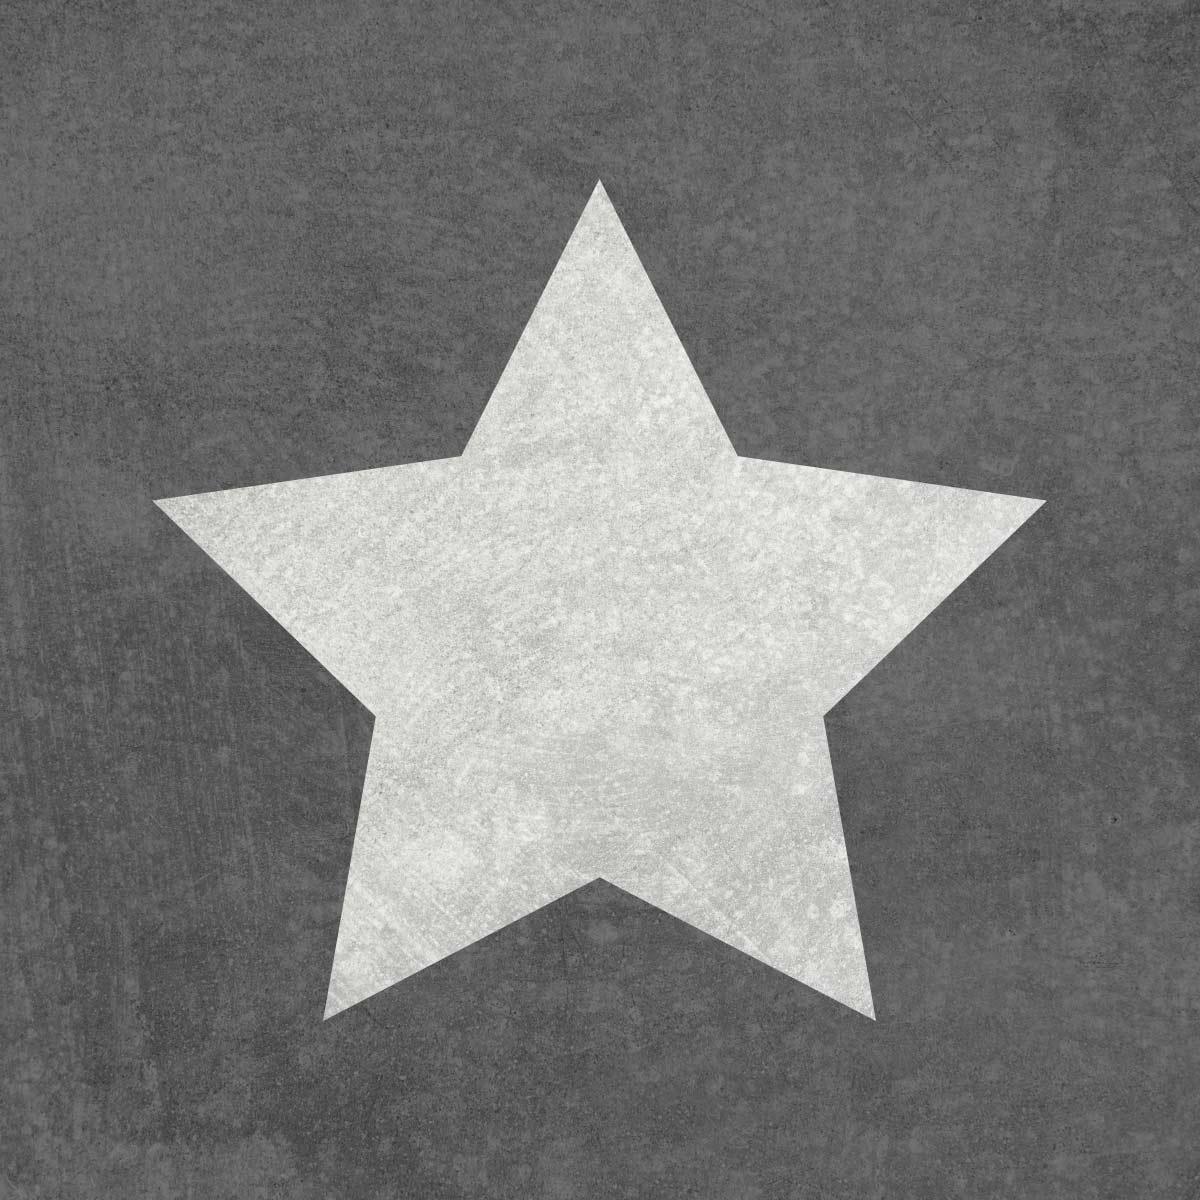 Gwiazdka - świąteczny szablon malarskie wielokrotnego użytku, wizualizacja na ciemnym tle